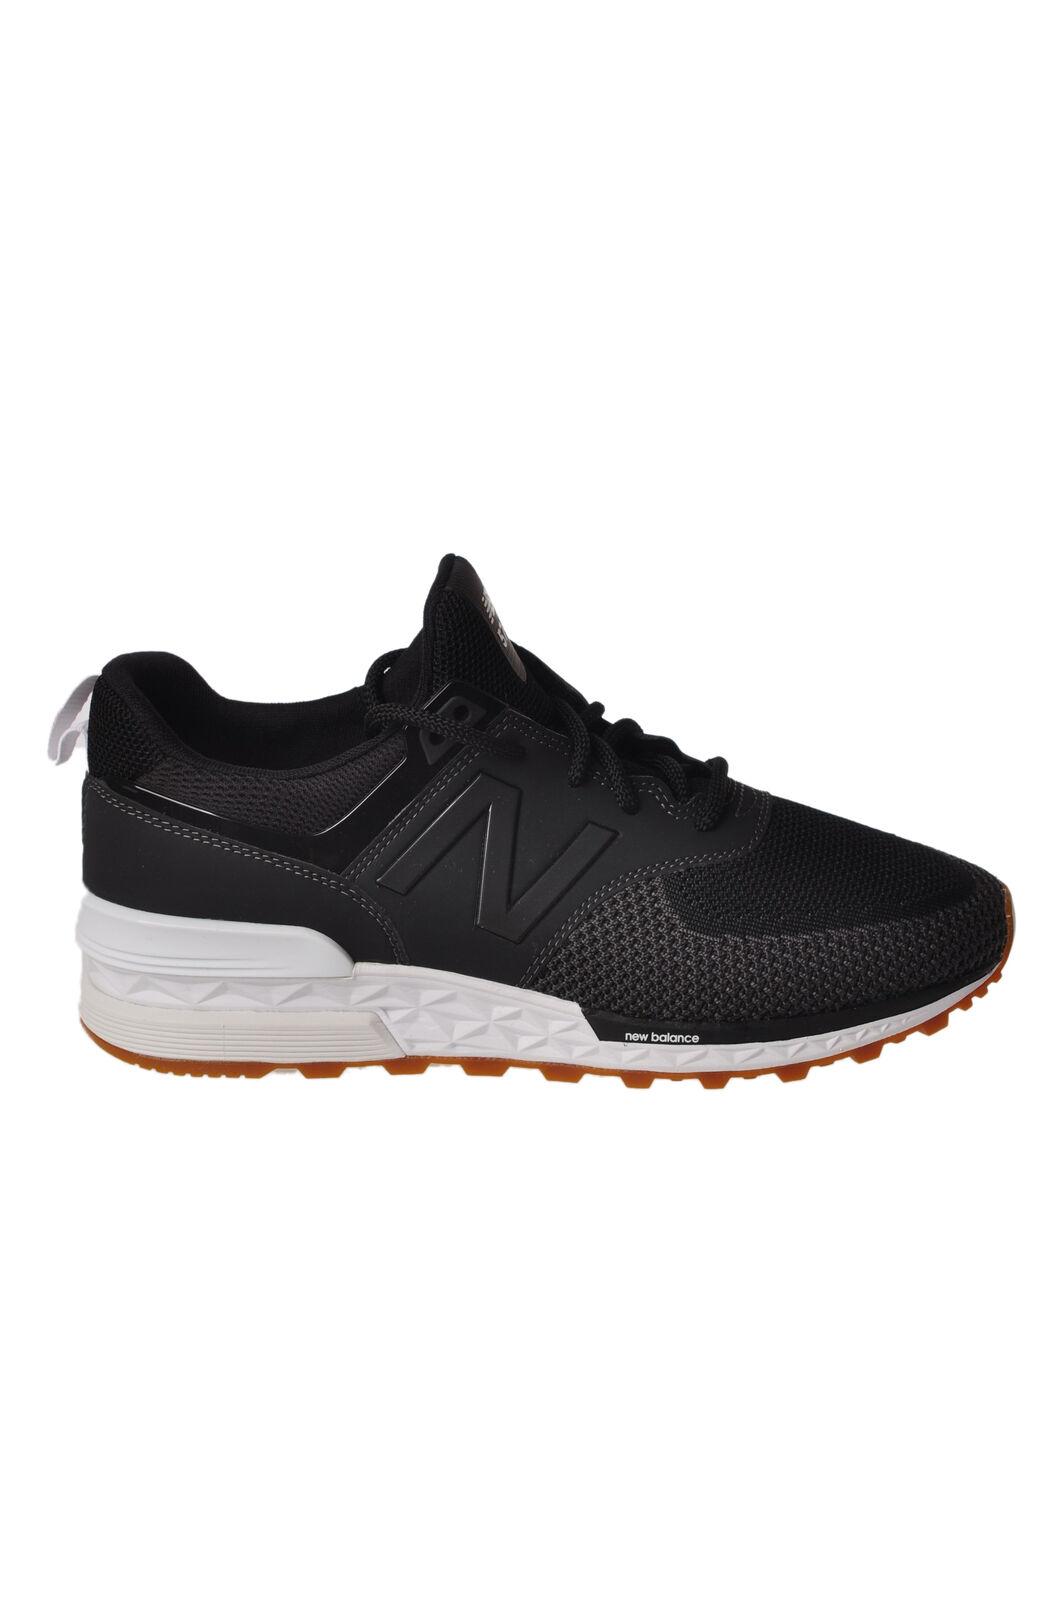 New Balance - shoes-shoes - Man - Black - 4845110C191736